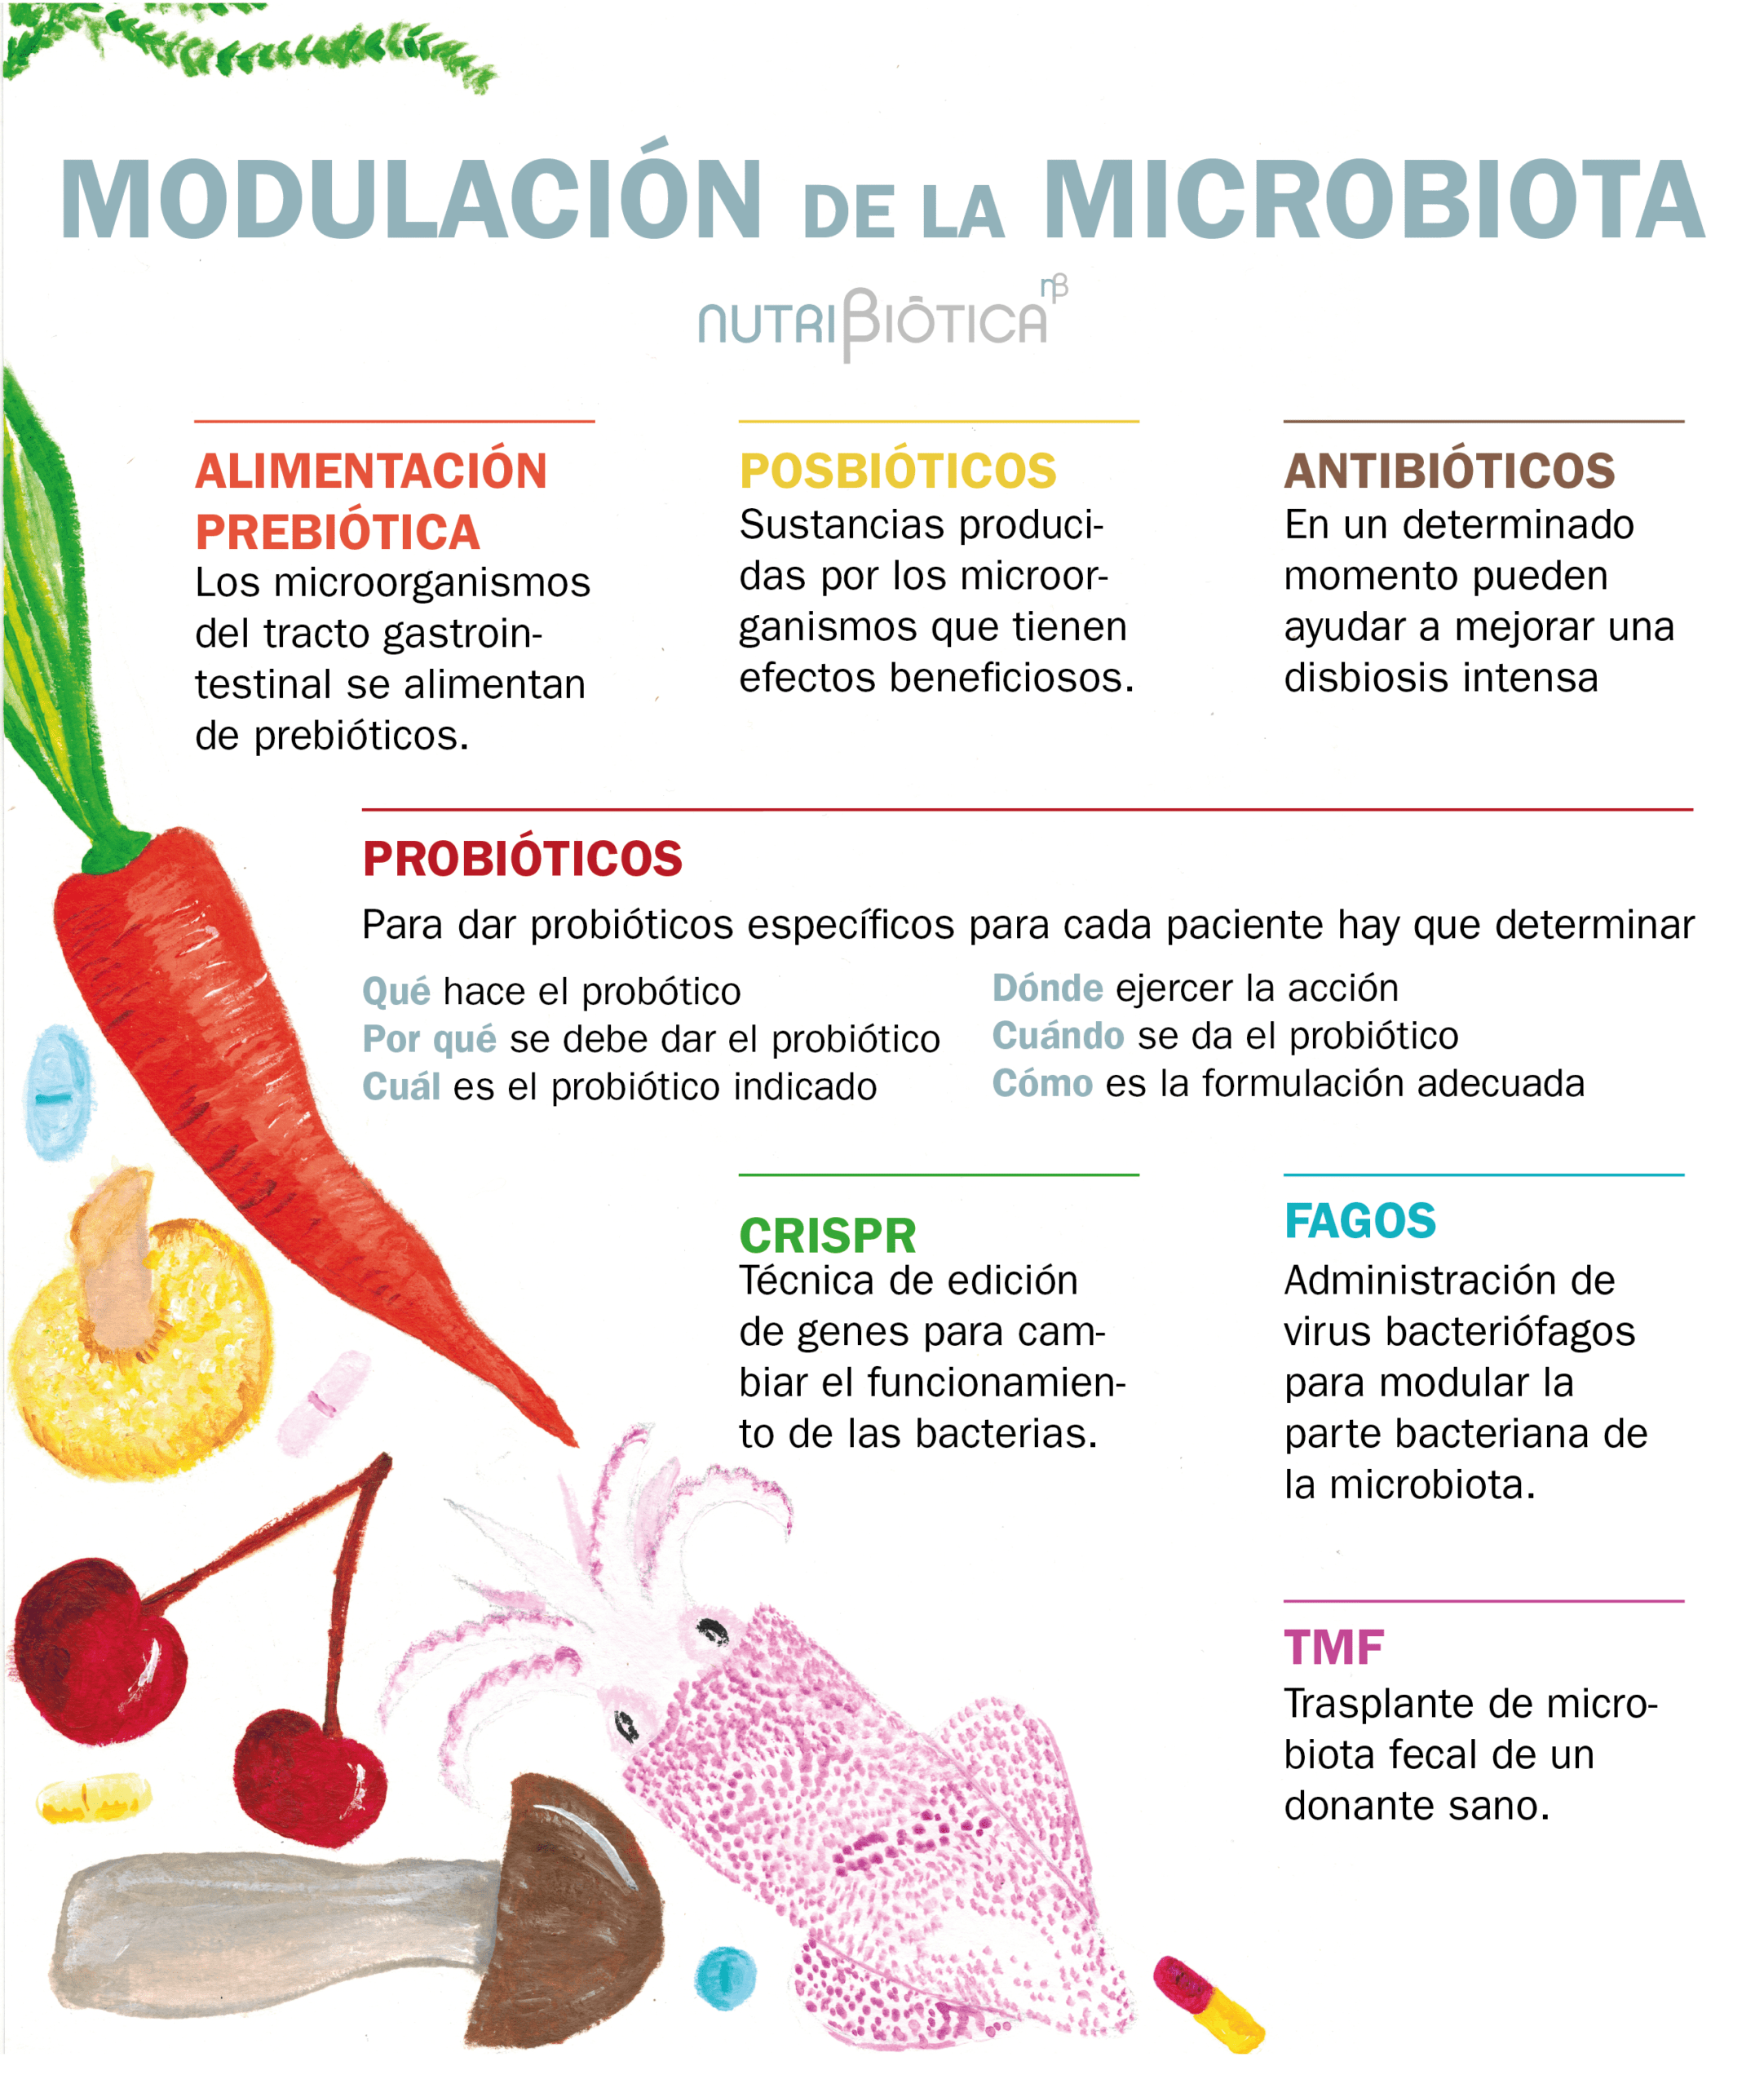 modulacion microbiota